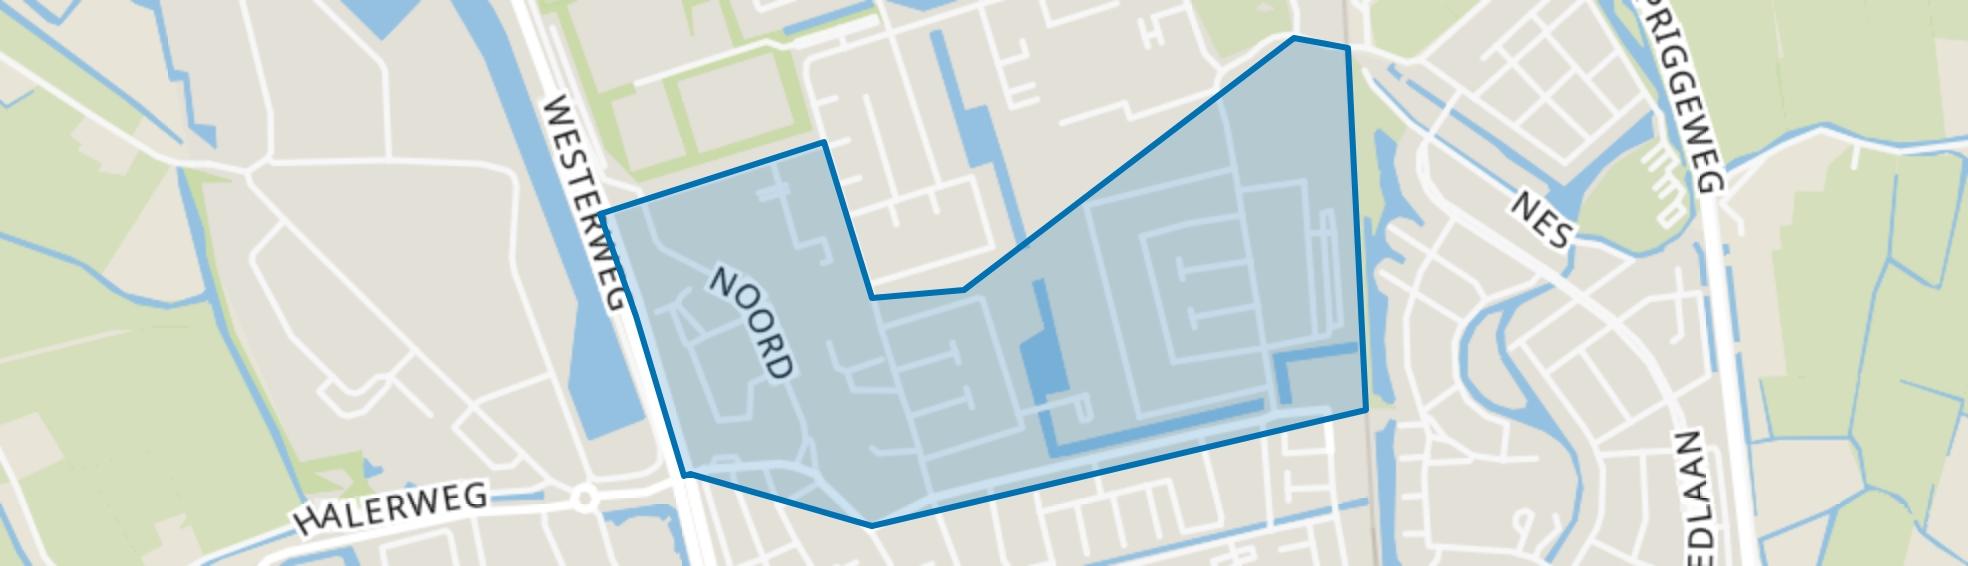 Nesdijk, Schagen map